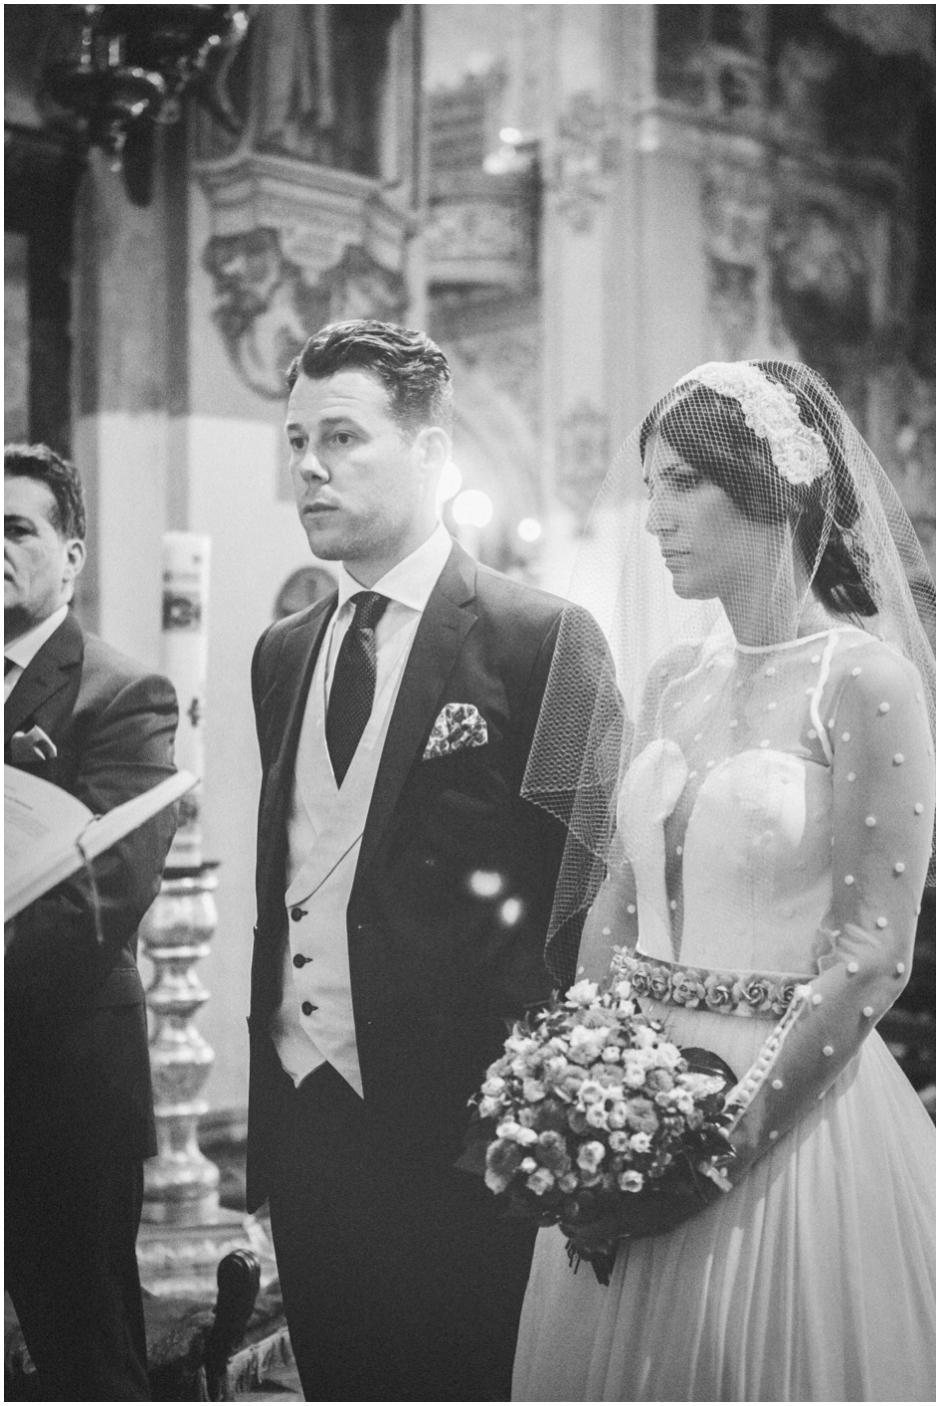 fotografo-de-bodas-sevilla-valencia-mallorca-jose-caballero-bodafilms38.jpg